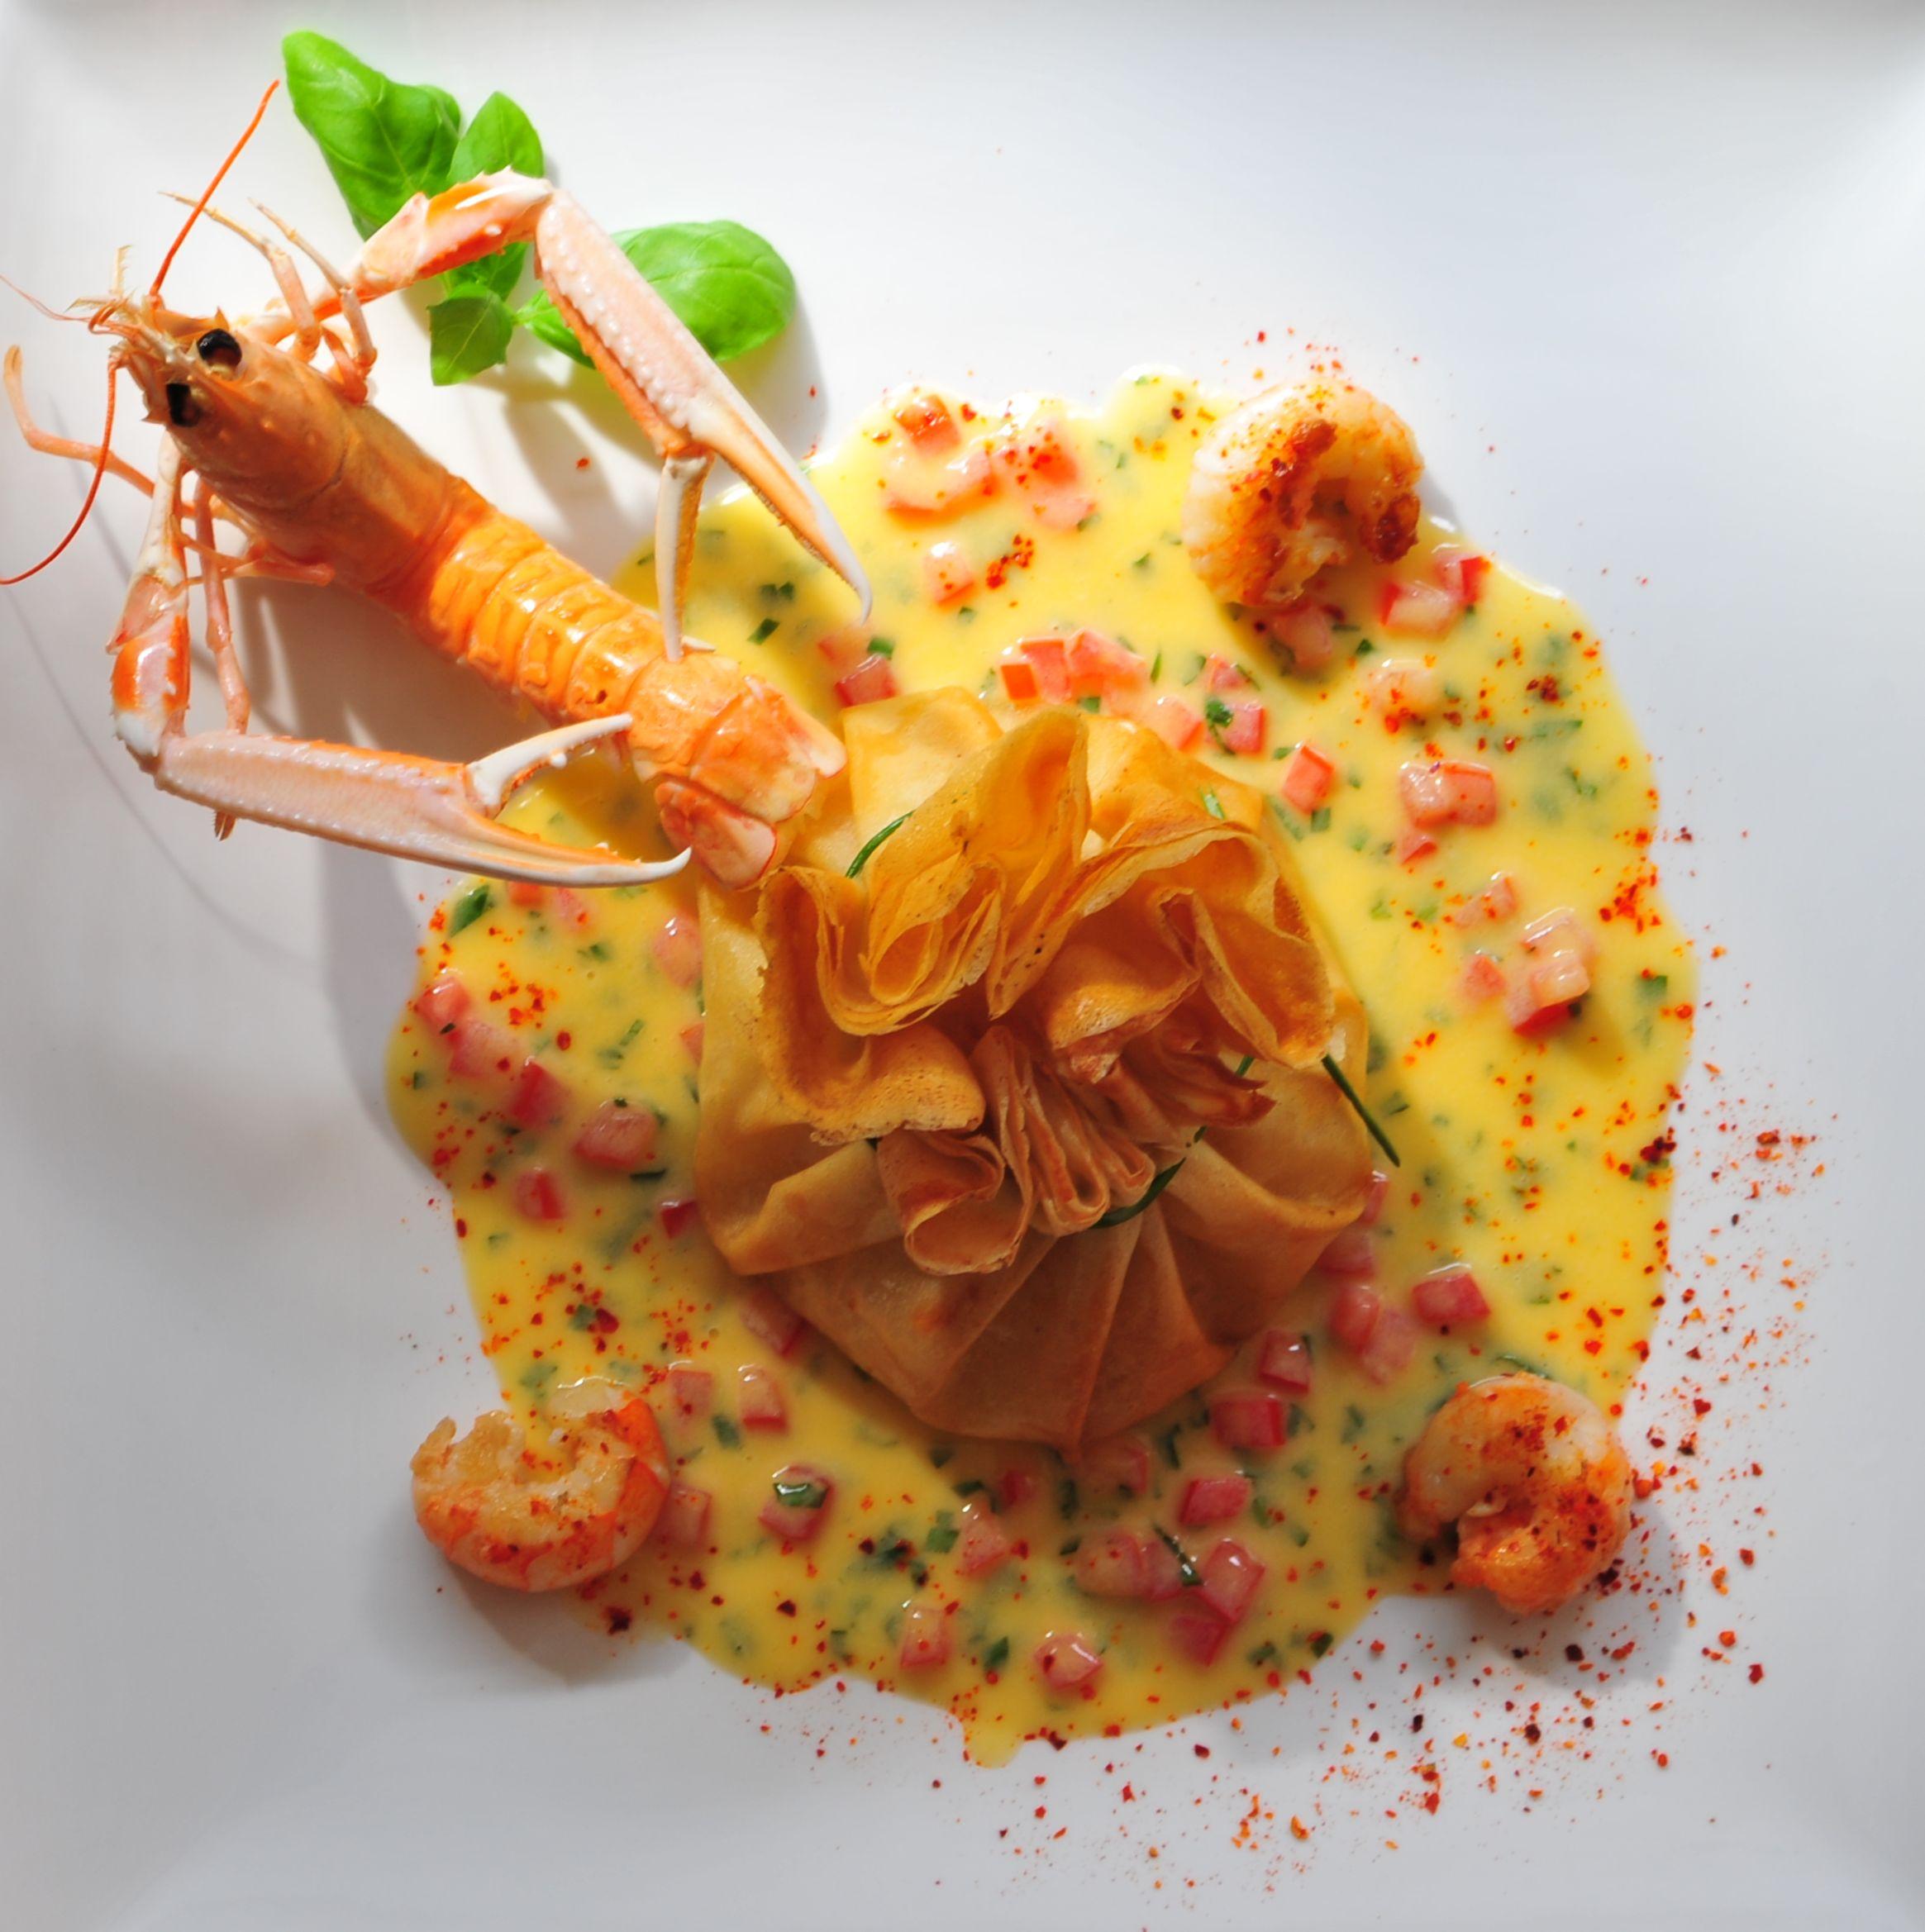 Aumoniere de langoustine au piment d espelette - Dessus